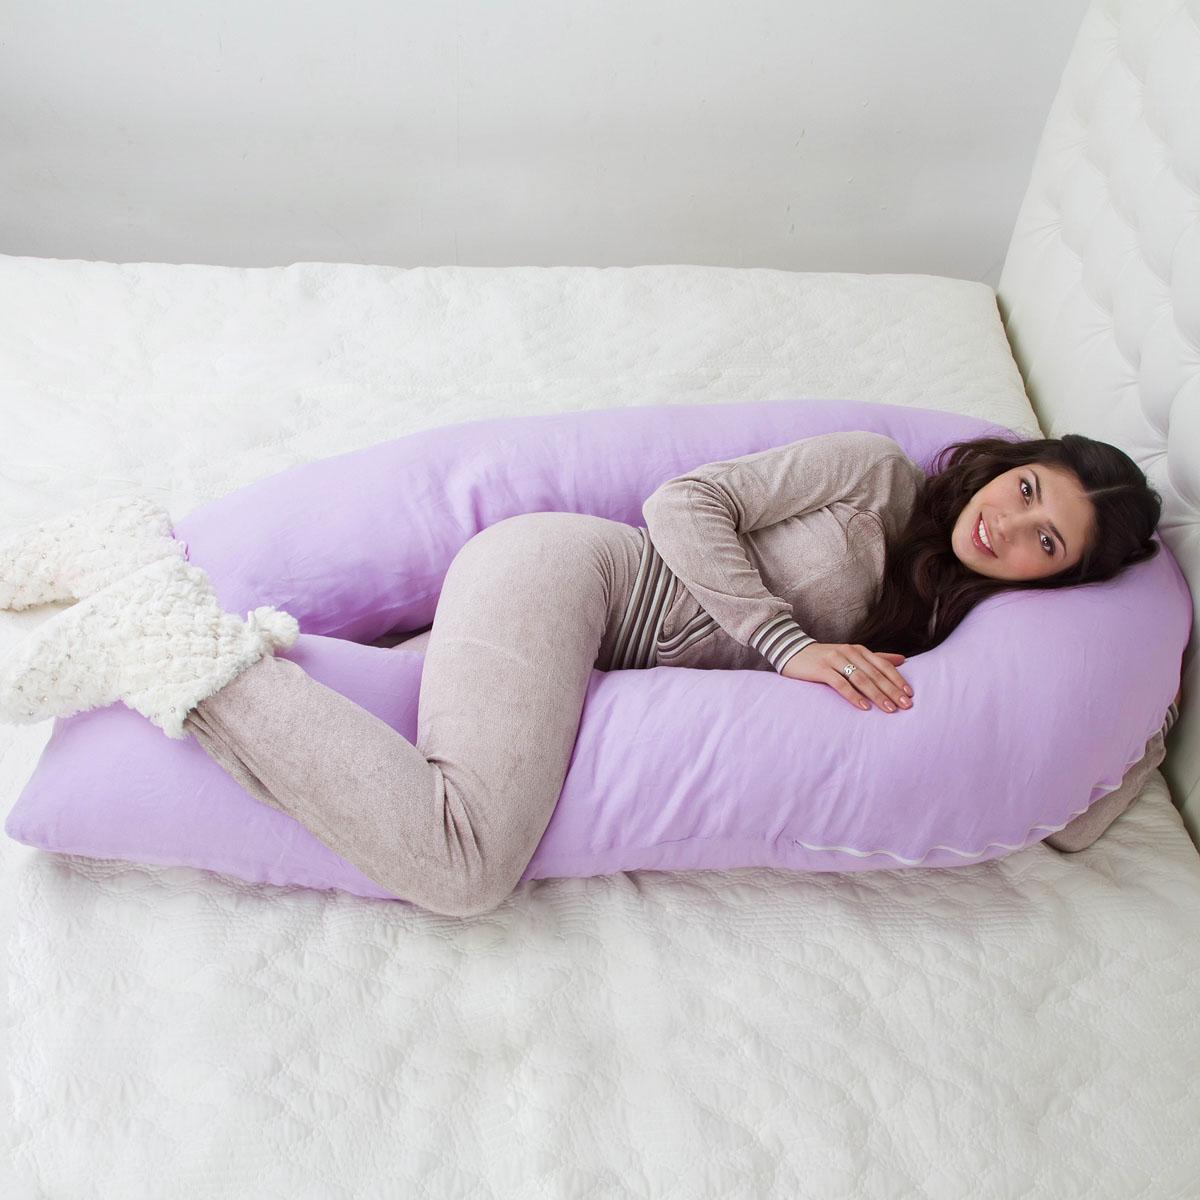 Как спать на подушке для беременных u 40